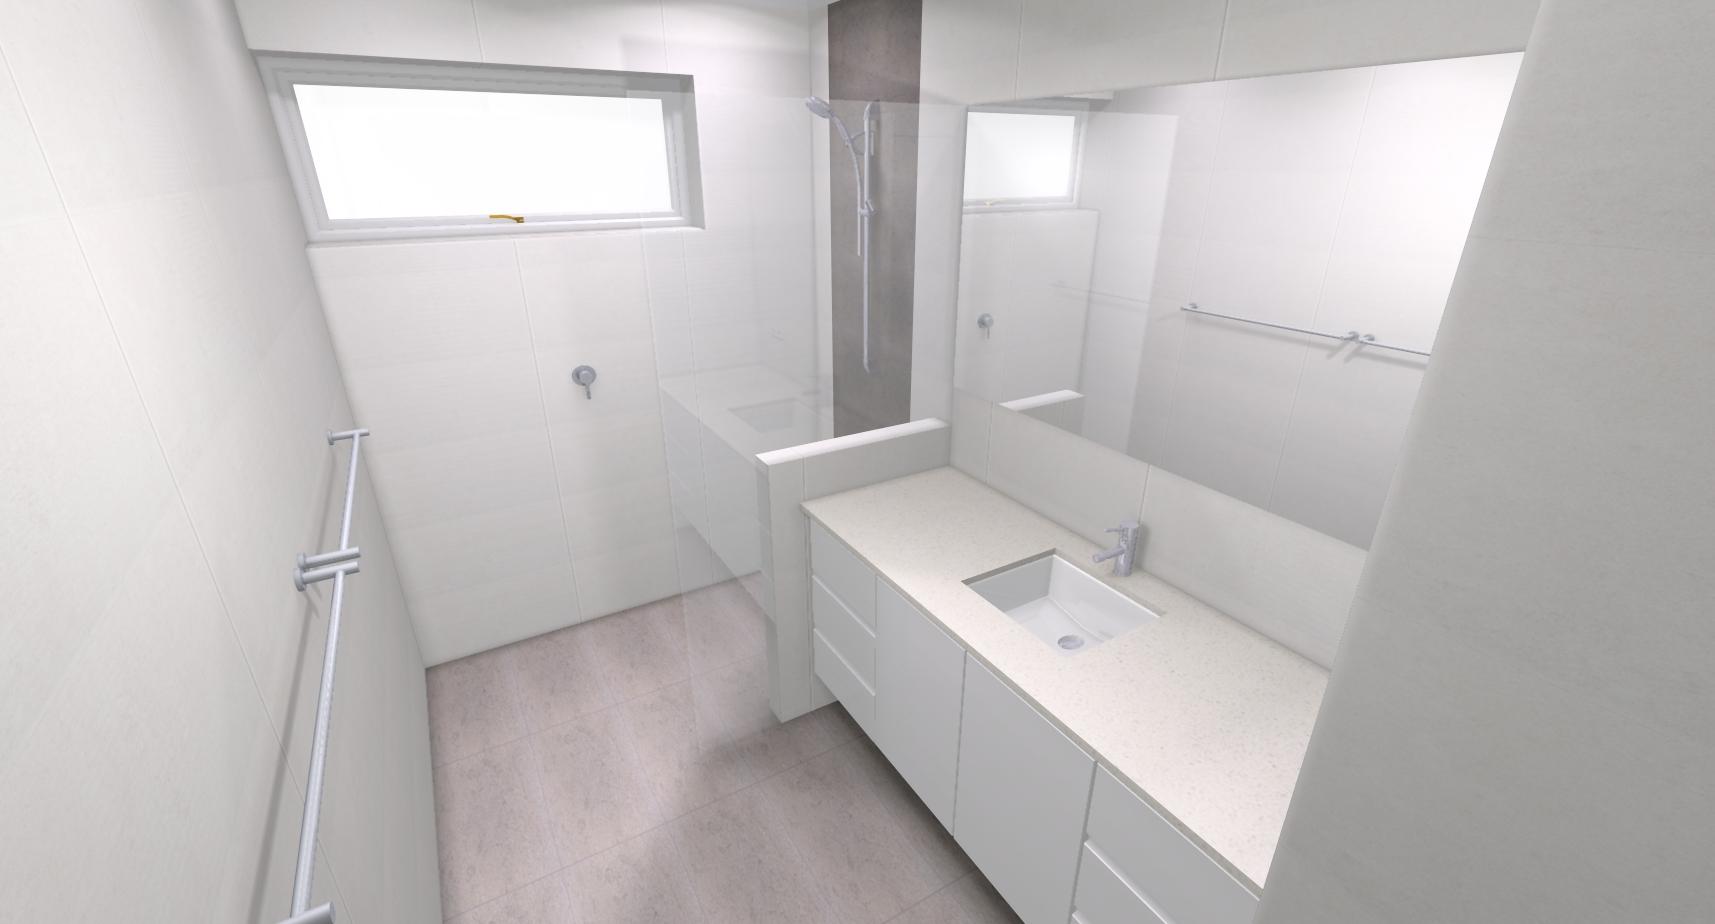 Meicha p bathroom bathroom renovations perth for Bathroom renovations 3d